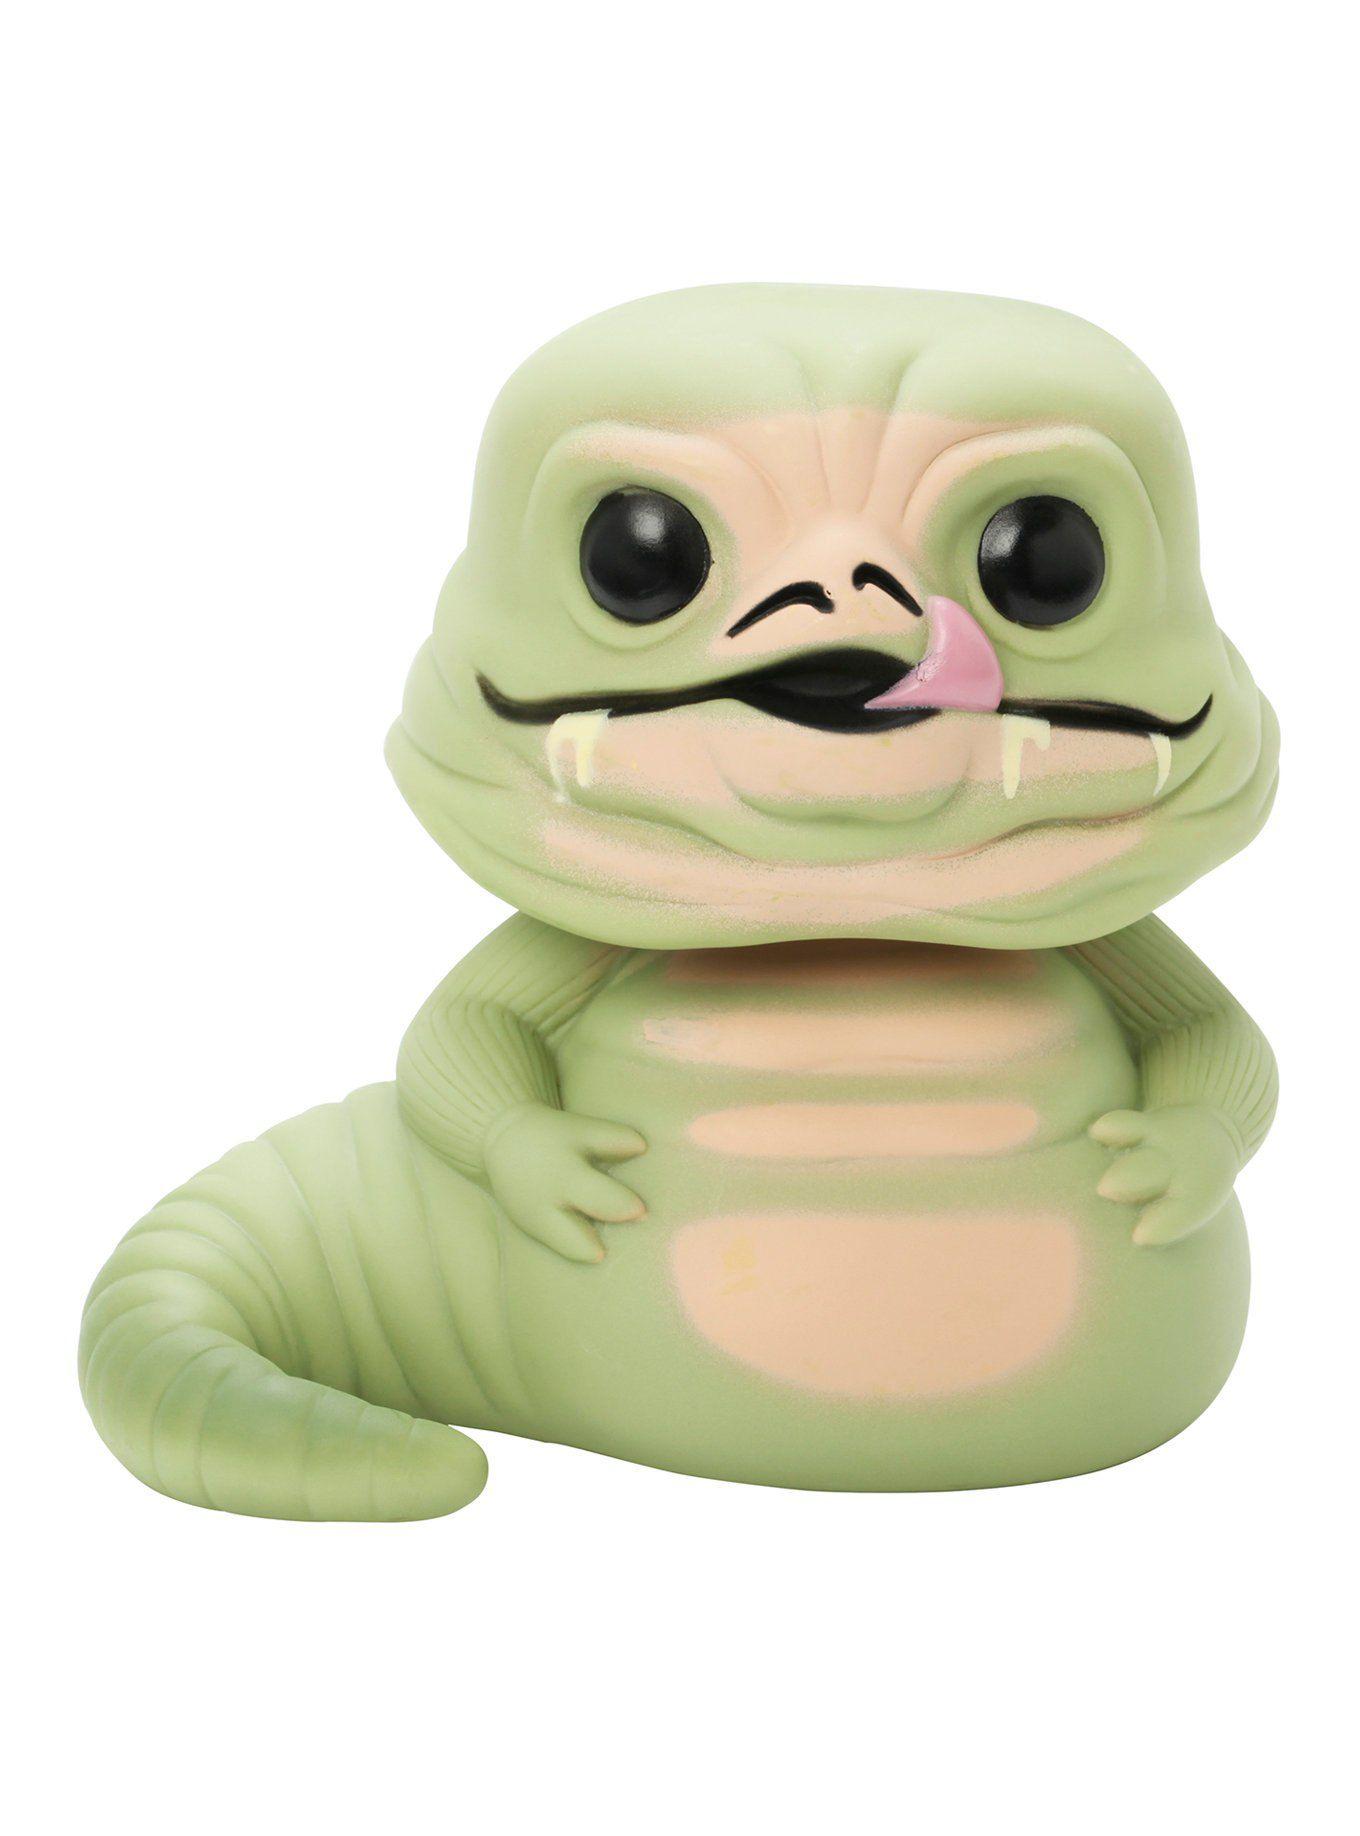 Jabba The Hutt #22 - Star Wars - Funko Pop!